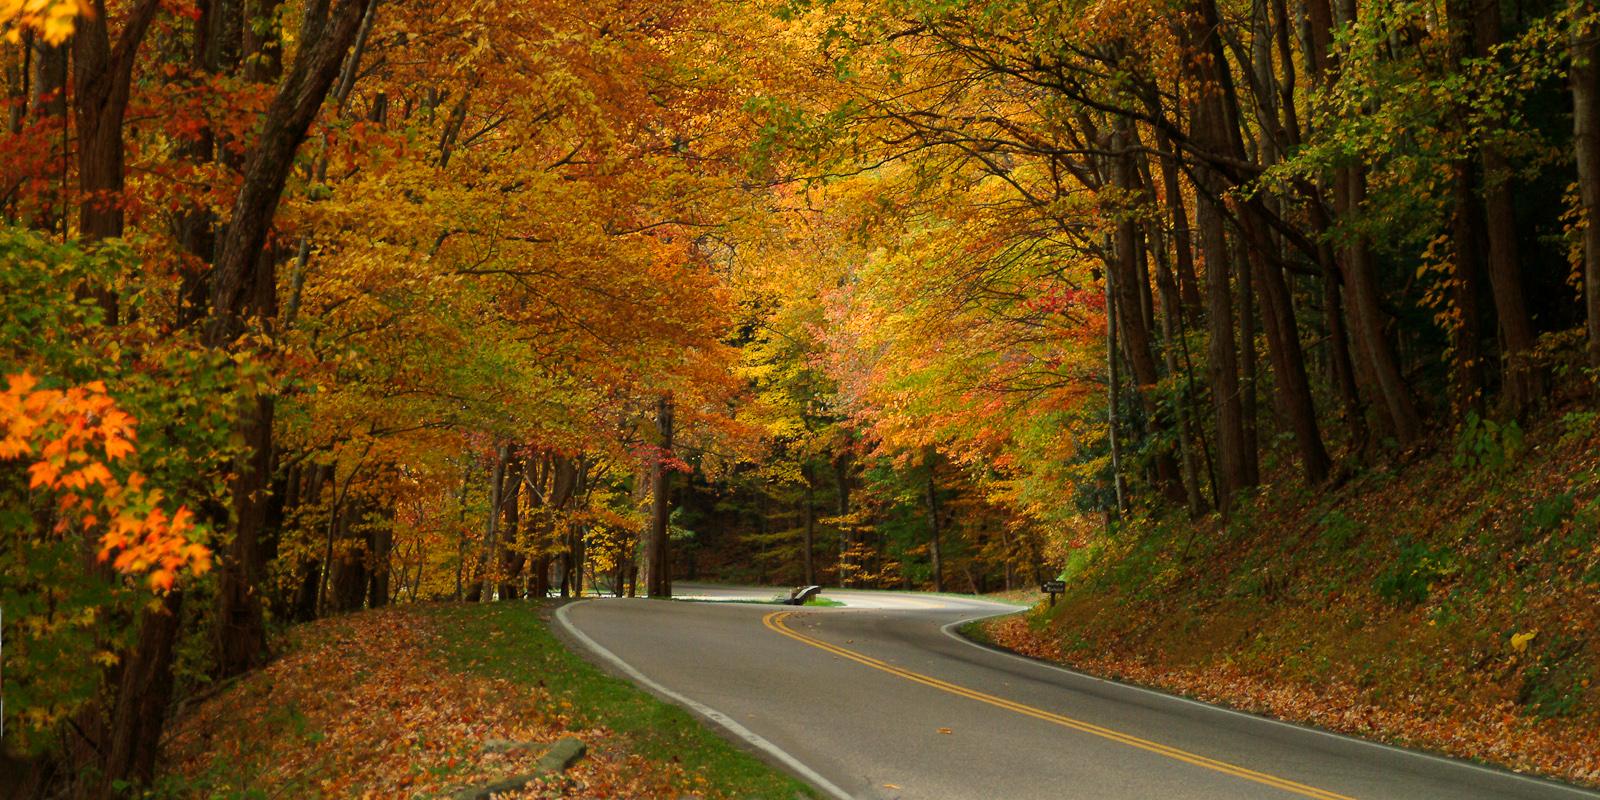 5smoky-mountain-autumn